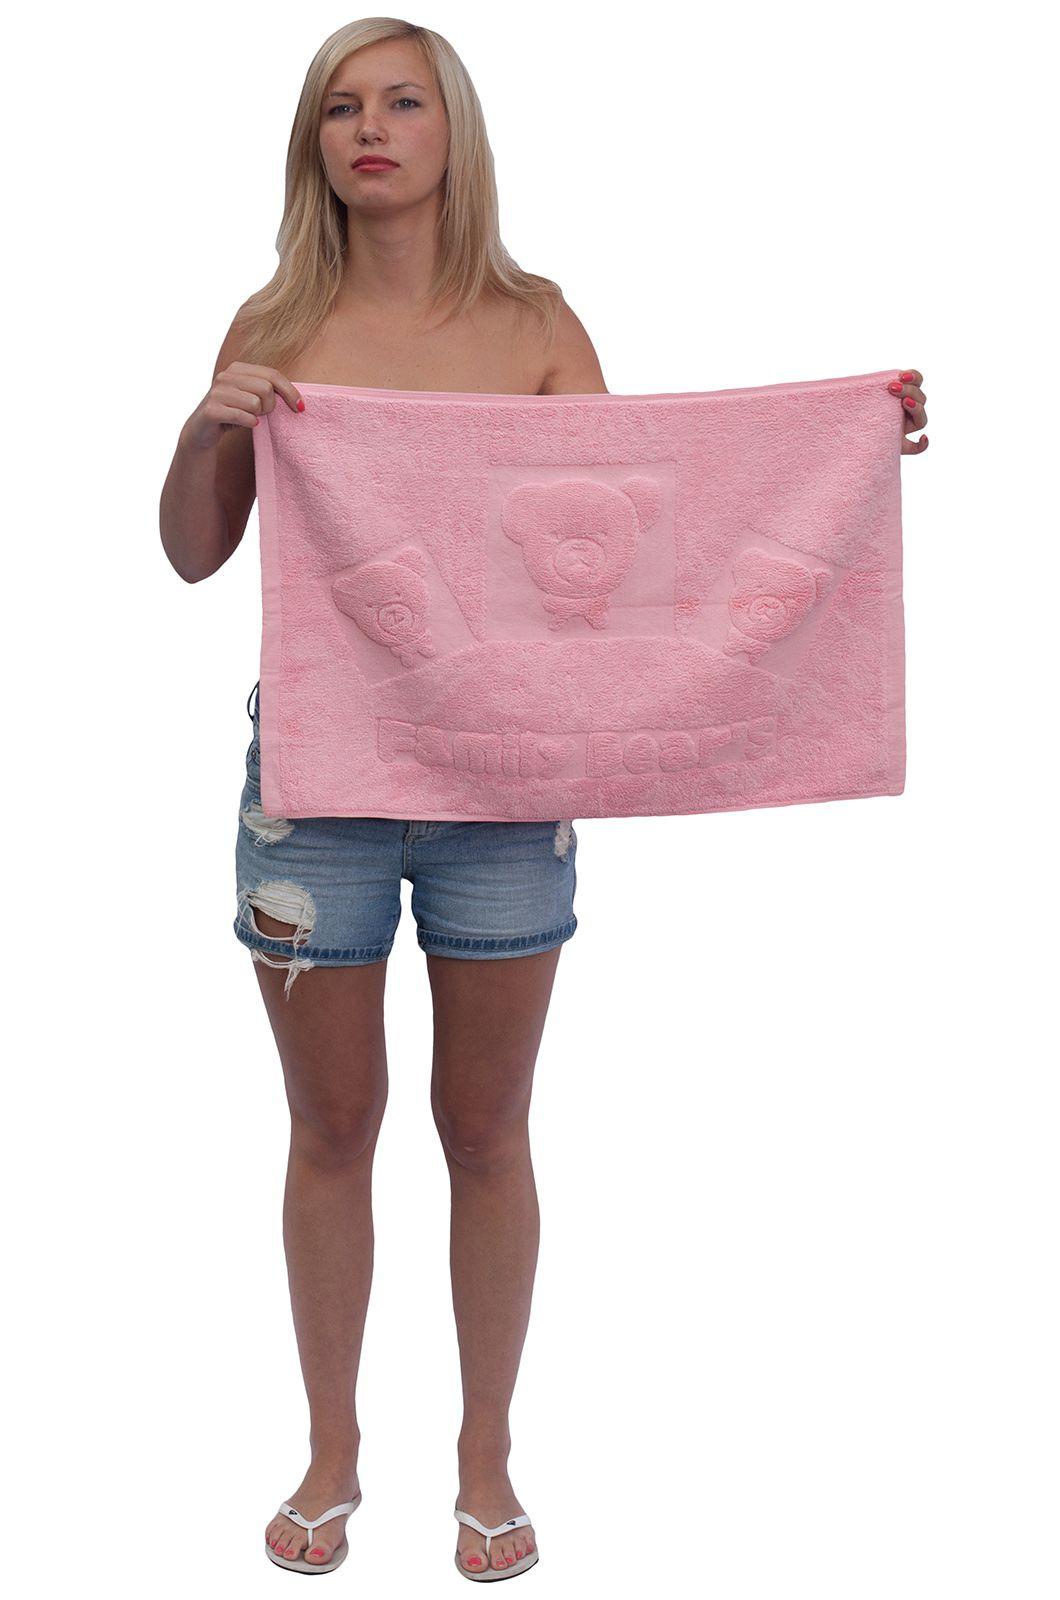 Махровый коврик для ванны - купить с доставкой по России